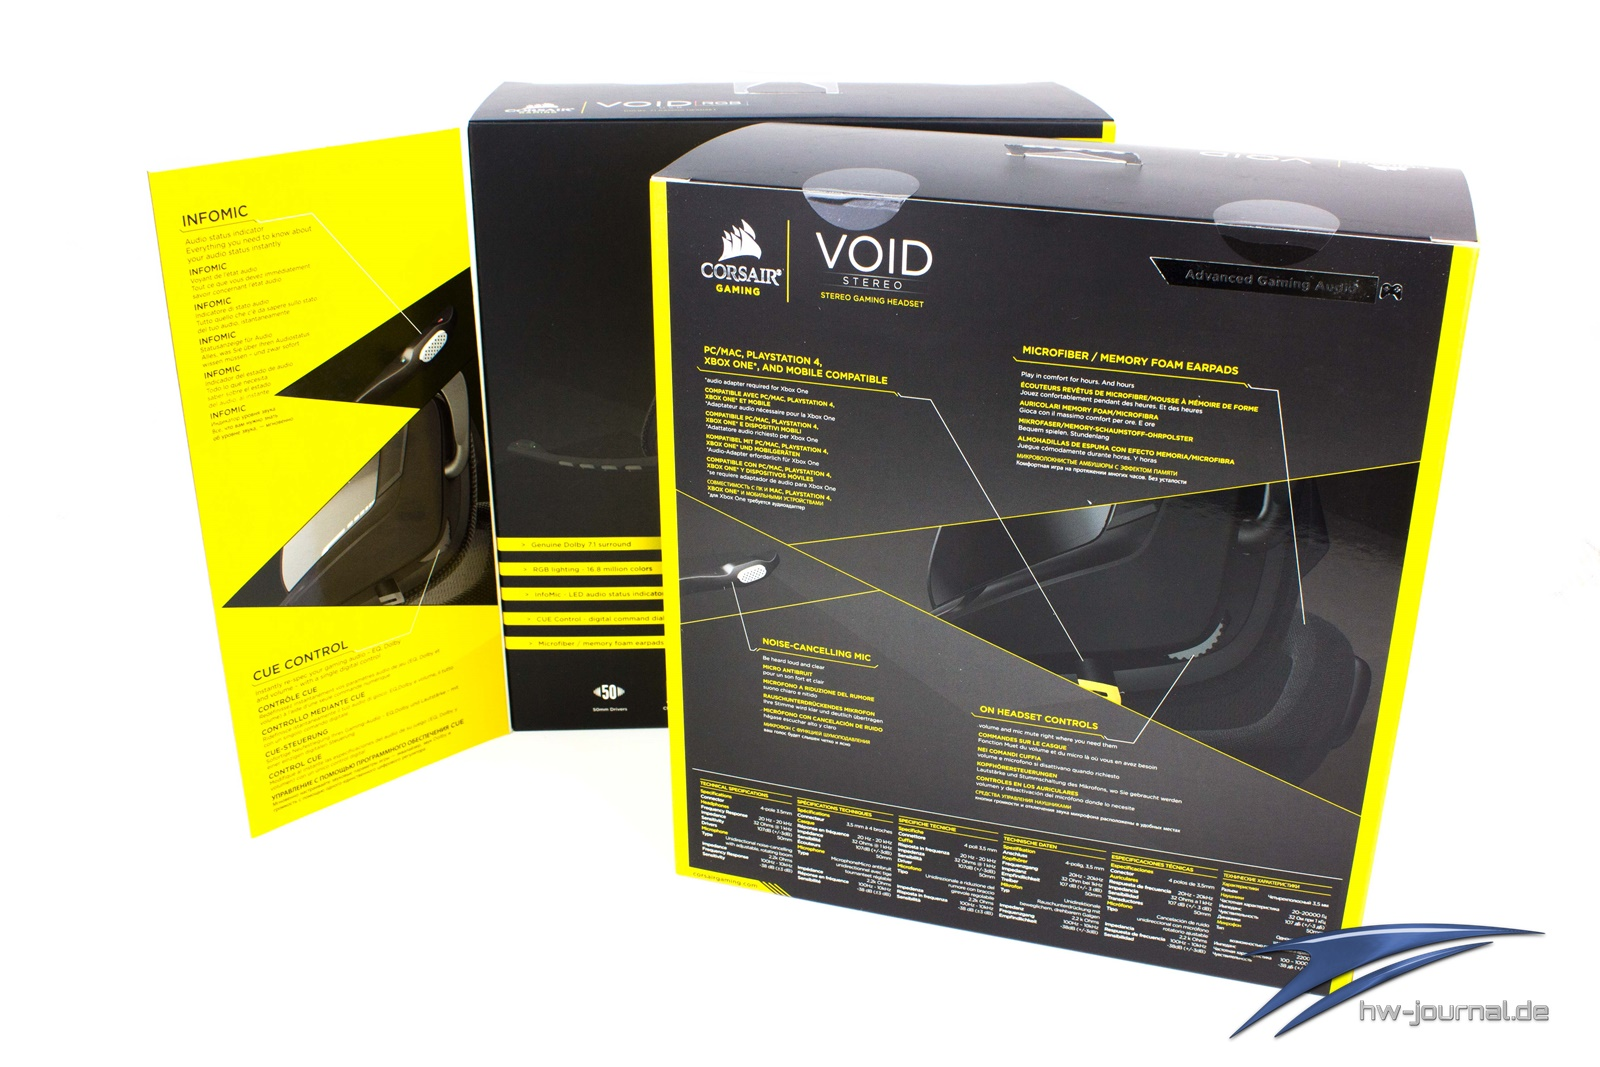 Test: Corsair Gaming Void Stereo und Void RGB - Hardware-Journal